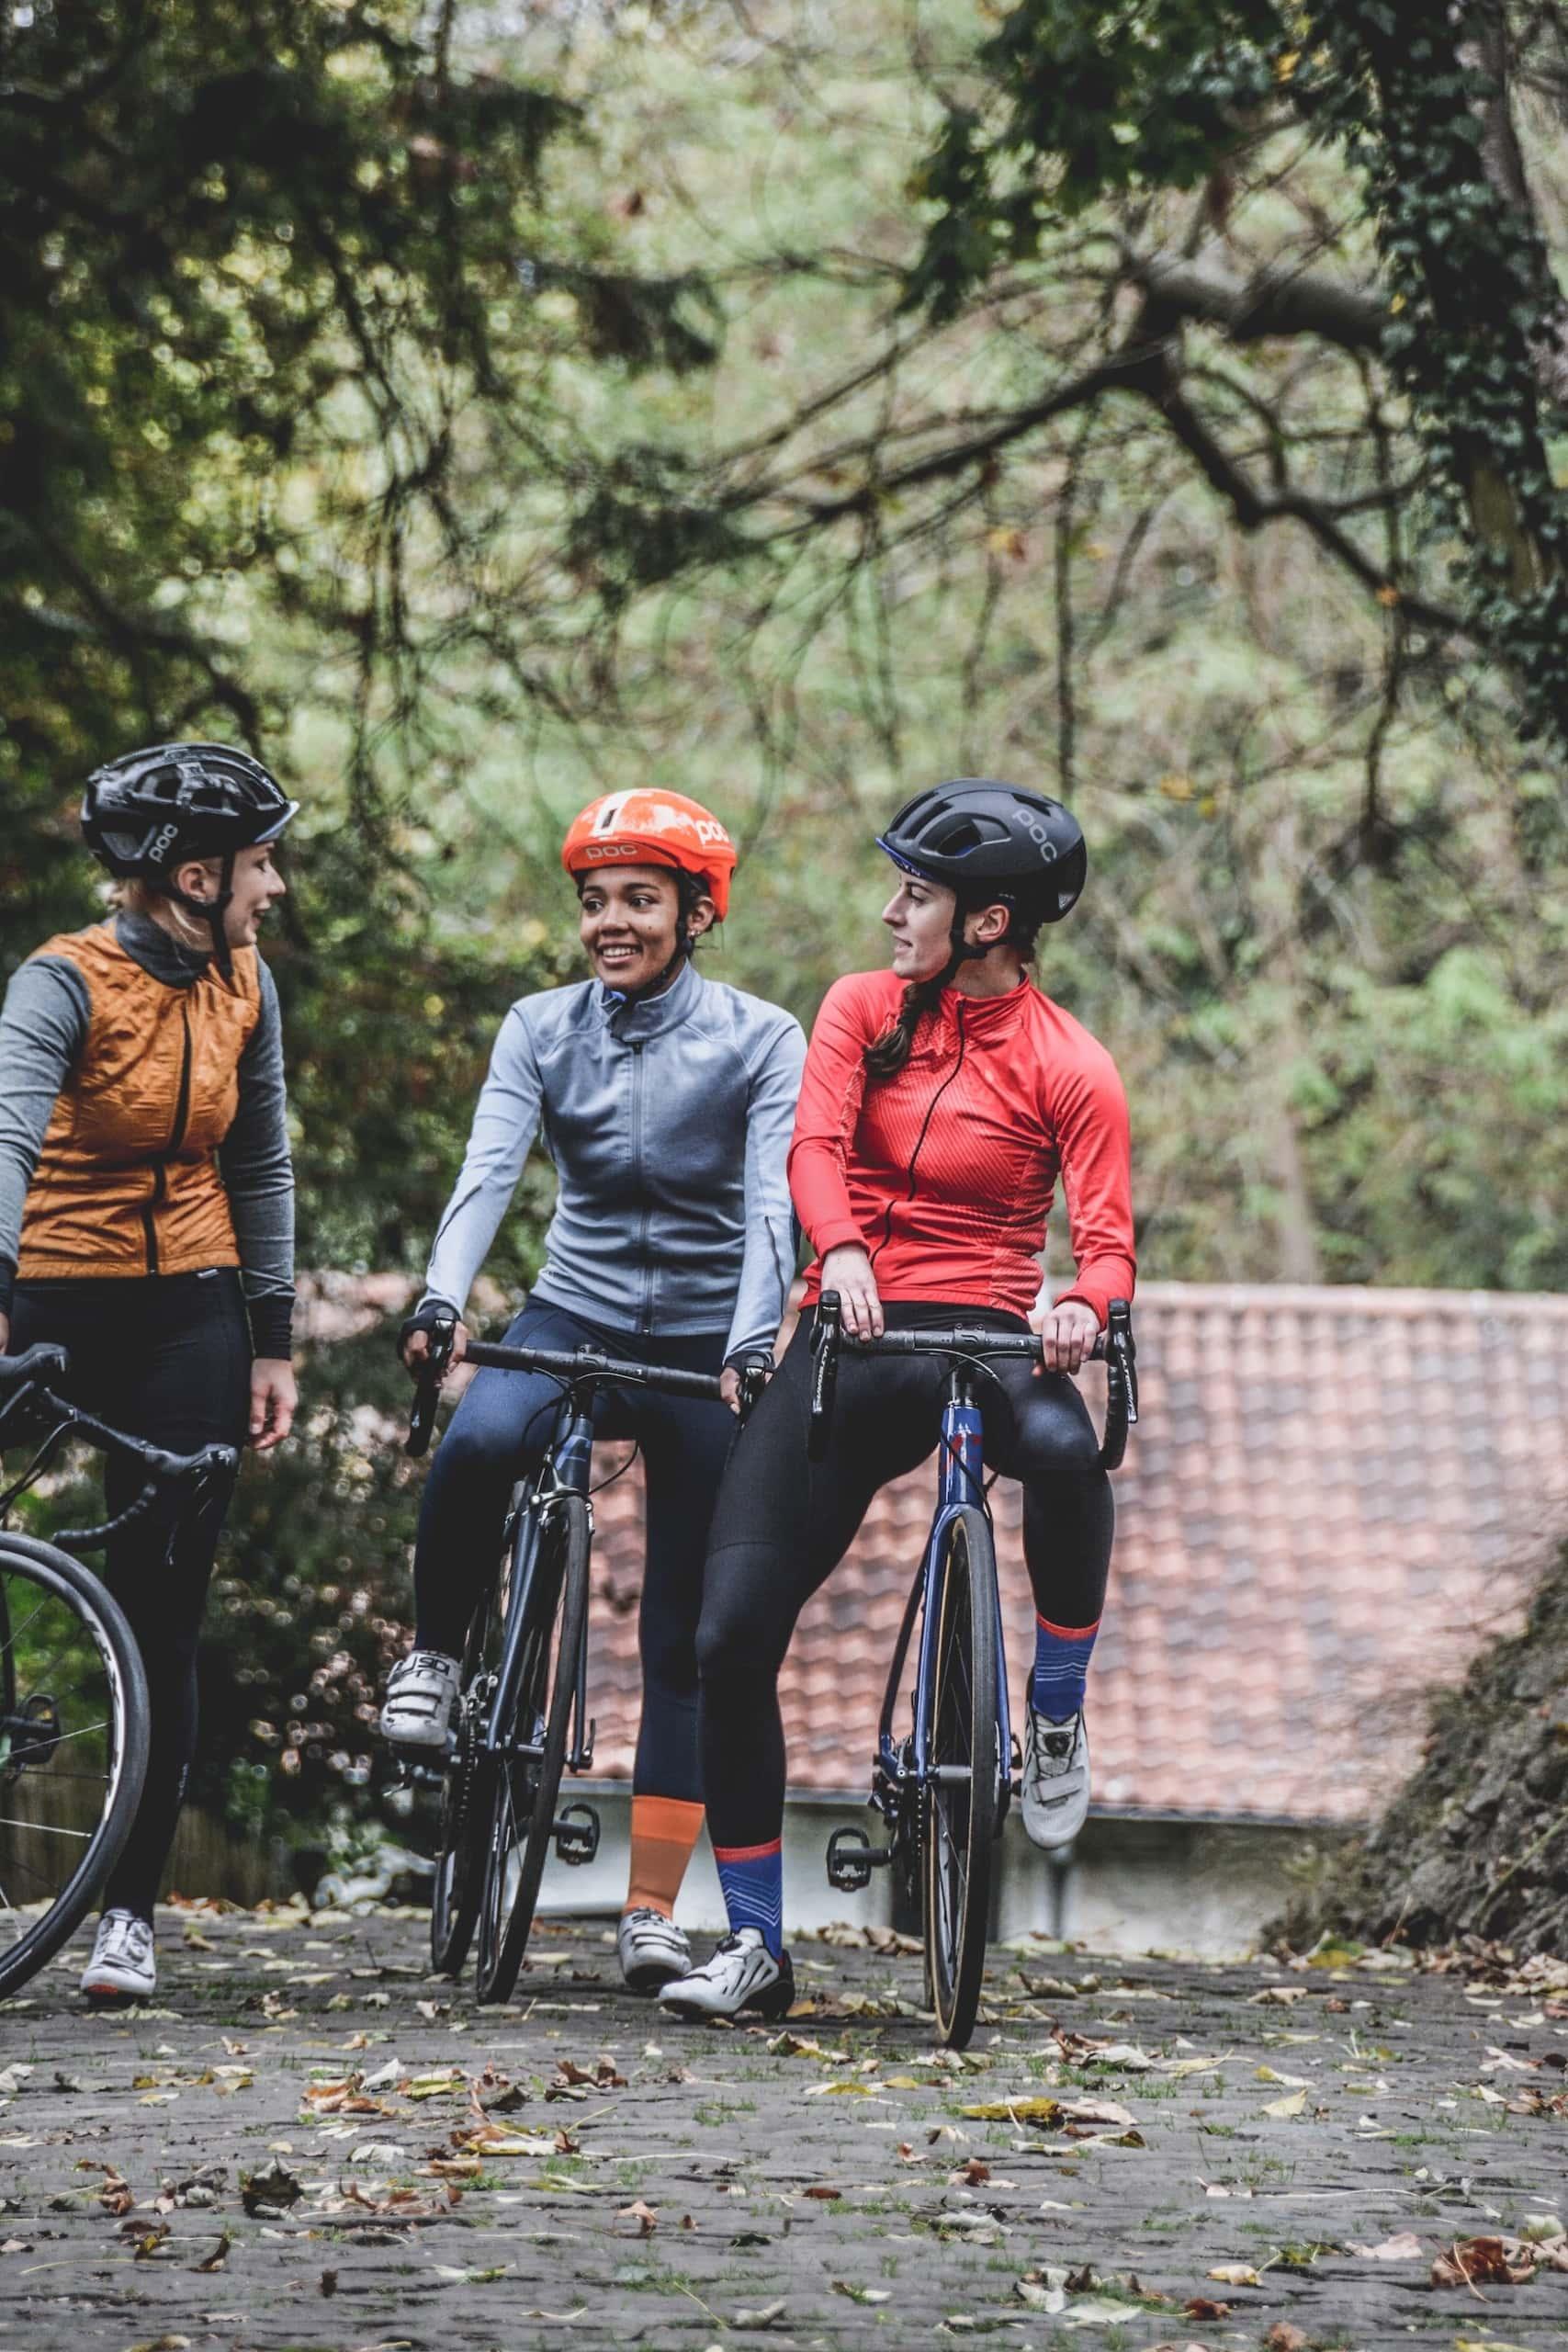 Drei Frauen mit Rennrädern tragen Helm für sicheres Fahrradfahren im Straßenverkehr